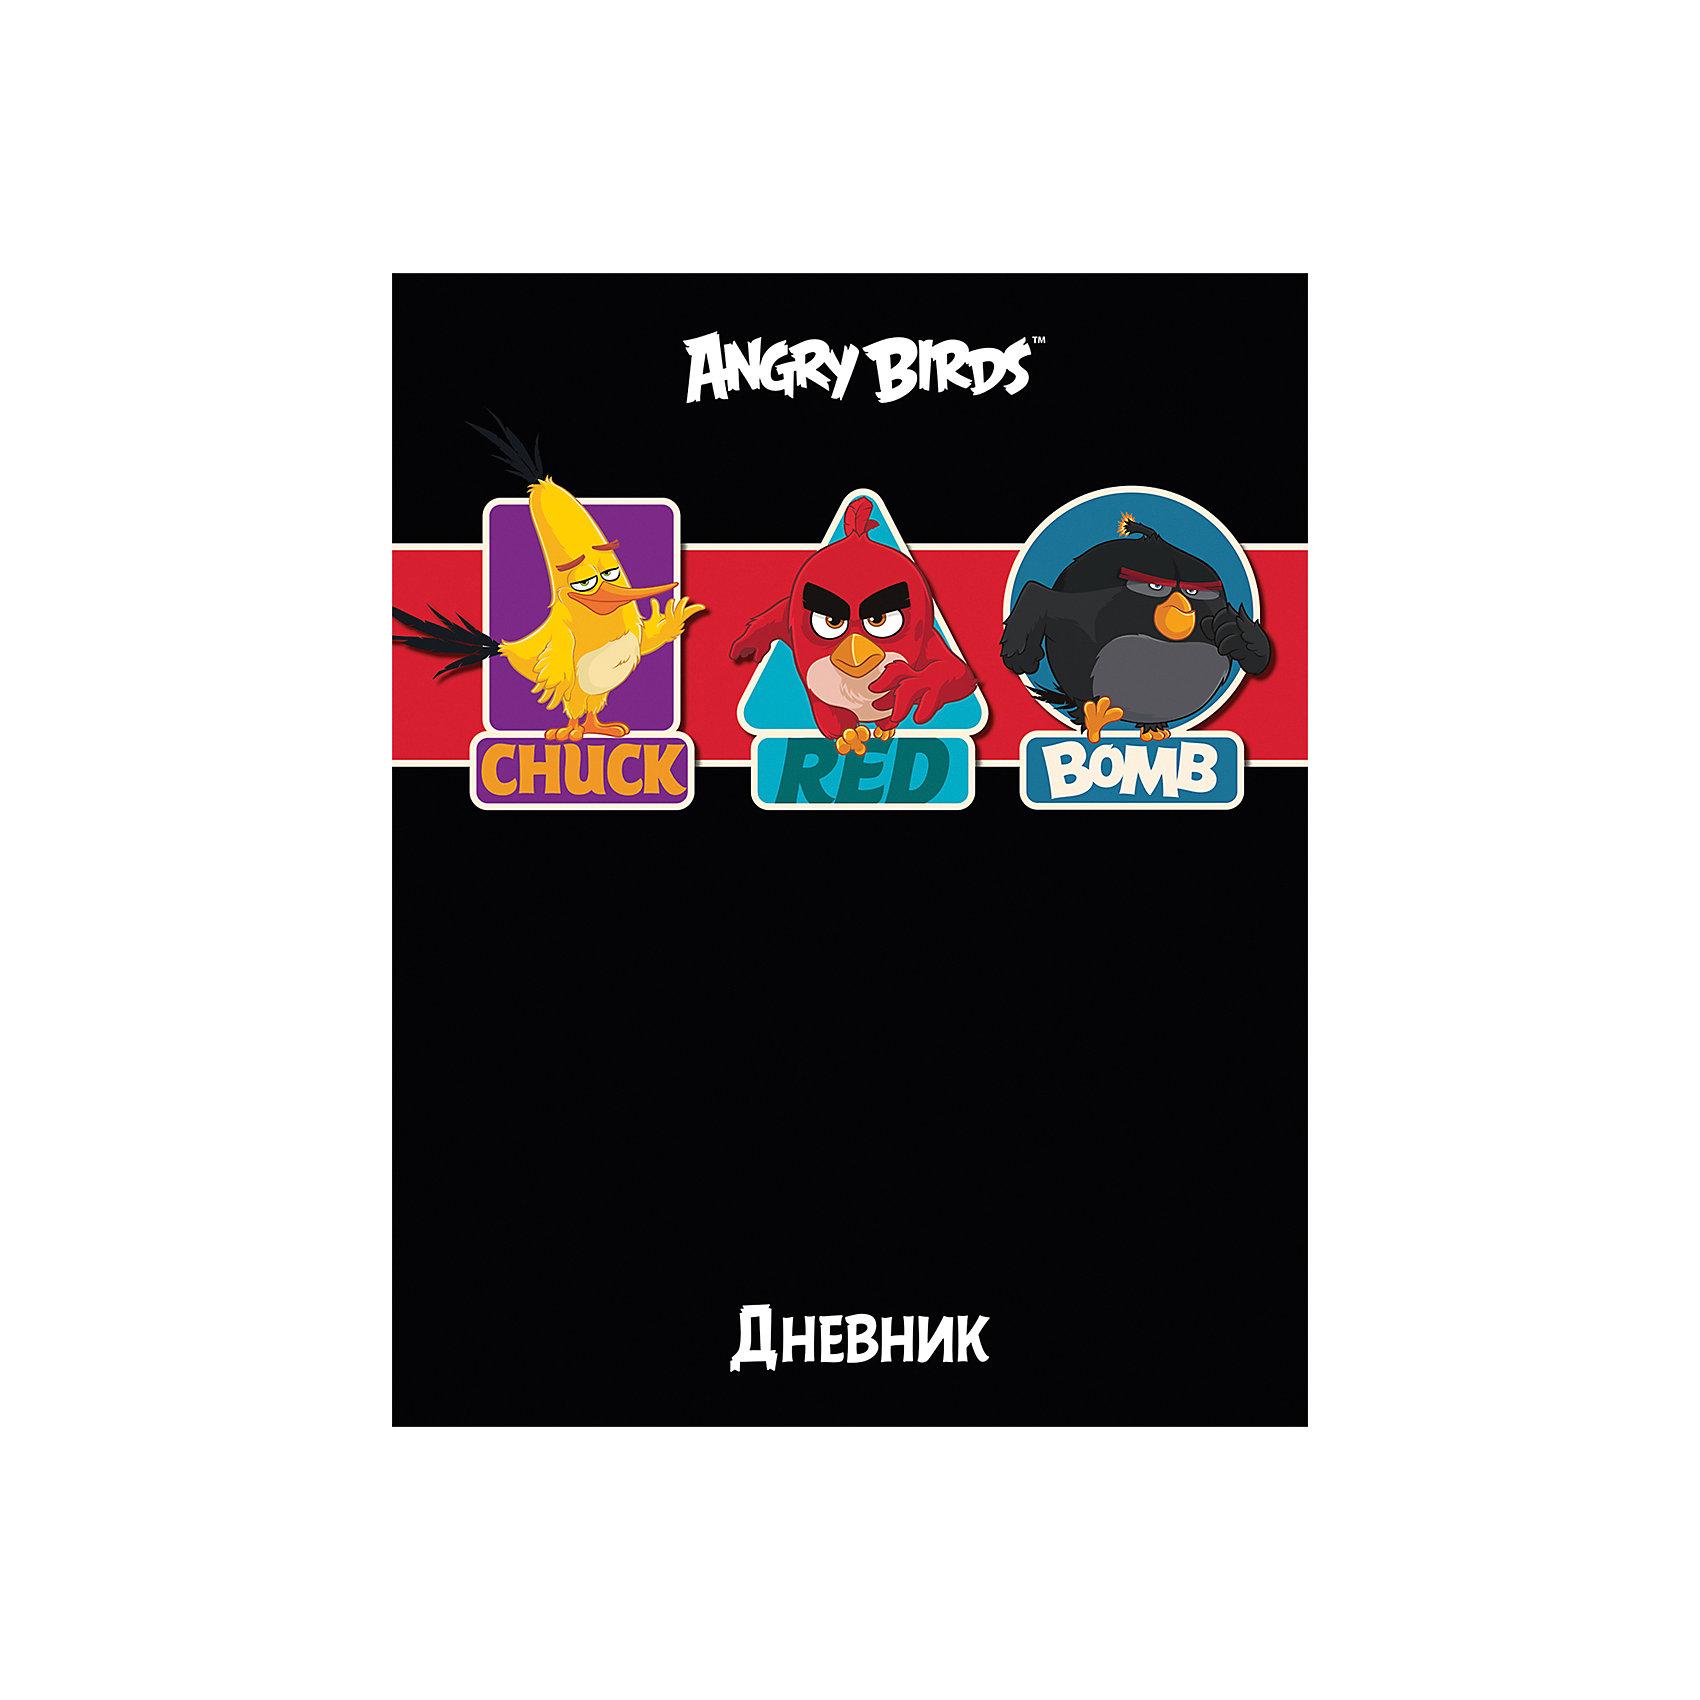 Дневник Хатбер, Angry BirdsУниверсальный дневник для учащихся младших и старших классов. Твердая обложка надежно защищает бумагу и долго сохраняет привлекательный внешний вид.<br><br>Дополнительная информация:<br><br>- Твердый переплет.<br>- Обложка с ламинацией.<br>- Внутренний блок - офсет.<br>- Размер упаковки: 21,5х17х0,9 см.<br>-  Вес в упаковке: 235 г.<br><br>Дневник Хатбер Angry Birds можно купить в нашем магазине.<br><br>Ширина мм: 215<br>Глубина мм: 170<br>Высота мм: 9<br>Вес г: 235<br>Возраст от месяцев: 72<br>Возраст до месяцев: 204<br>Пол: Унисекс<br>Возраст: Детский<br>SKU: 4792794